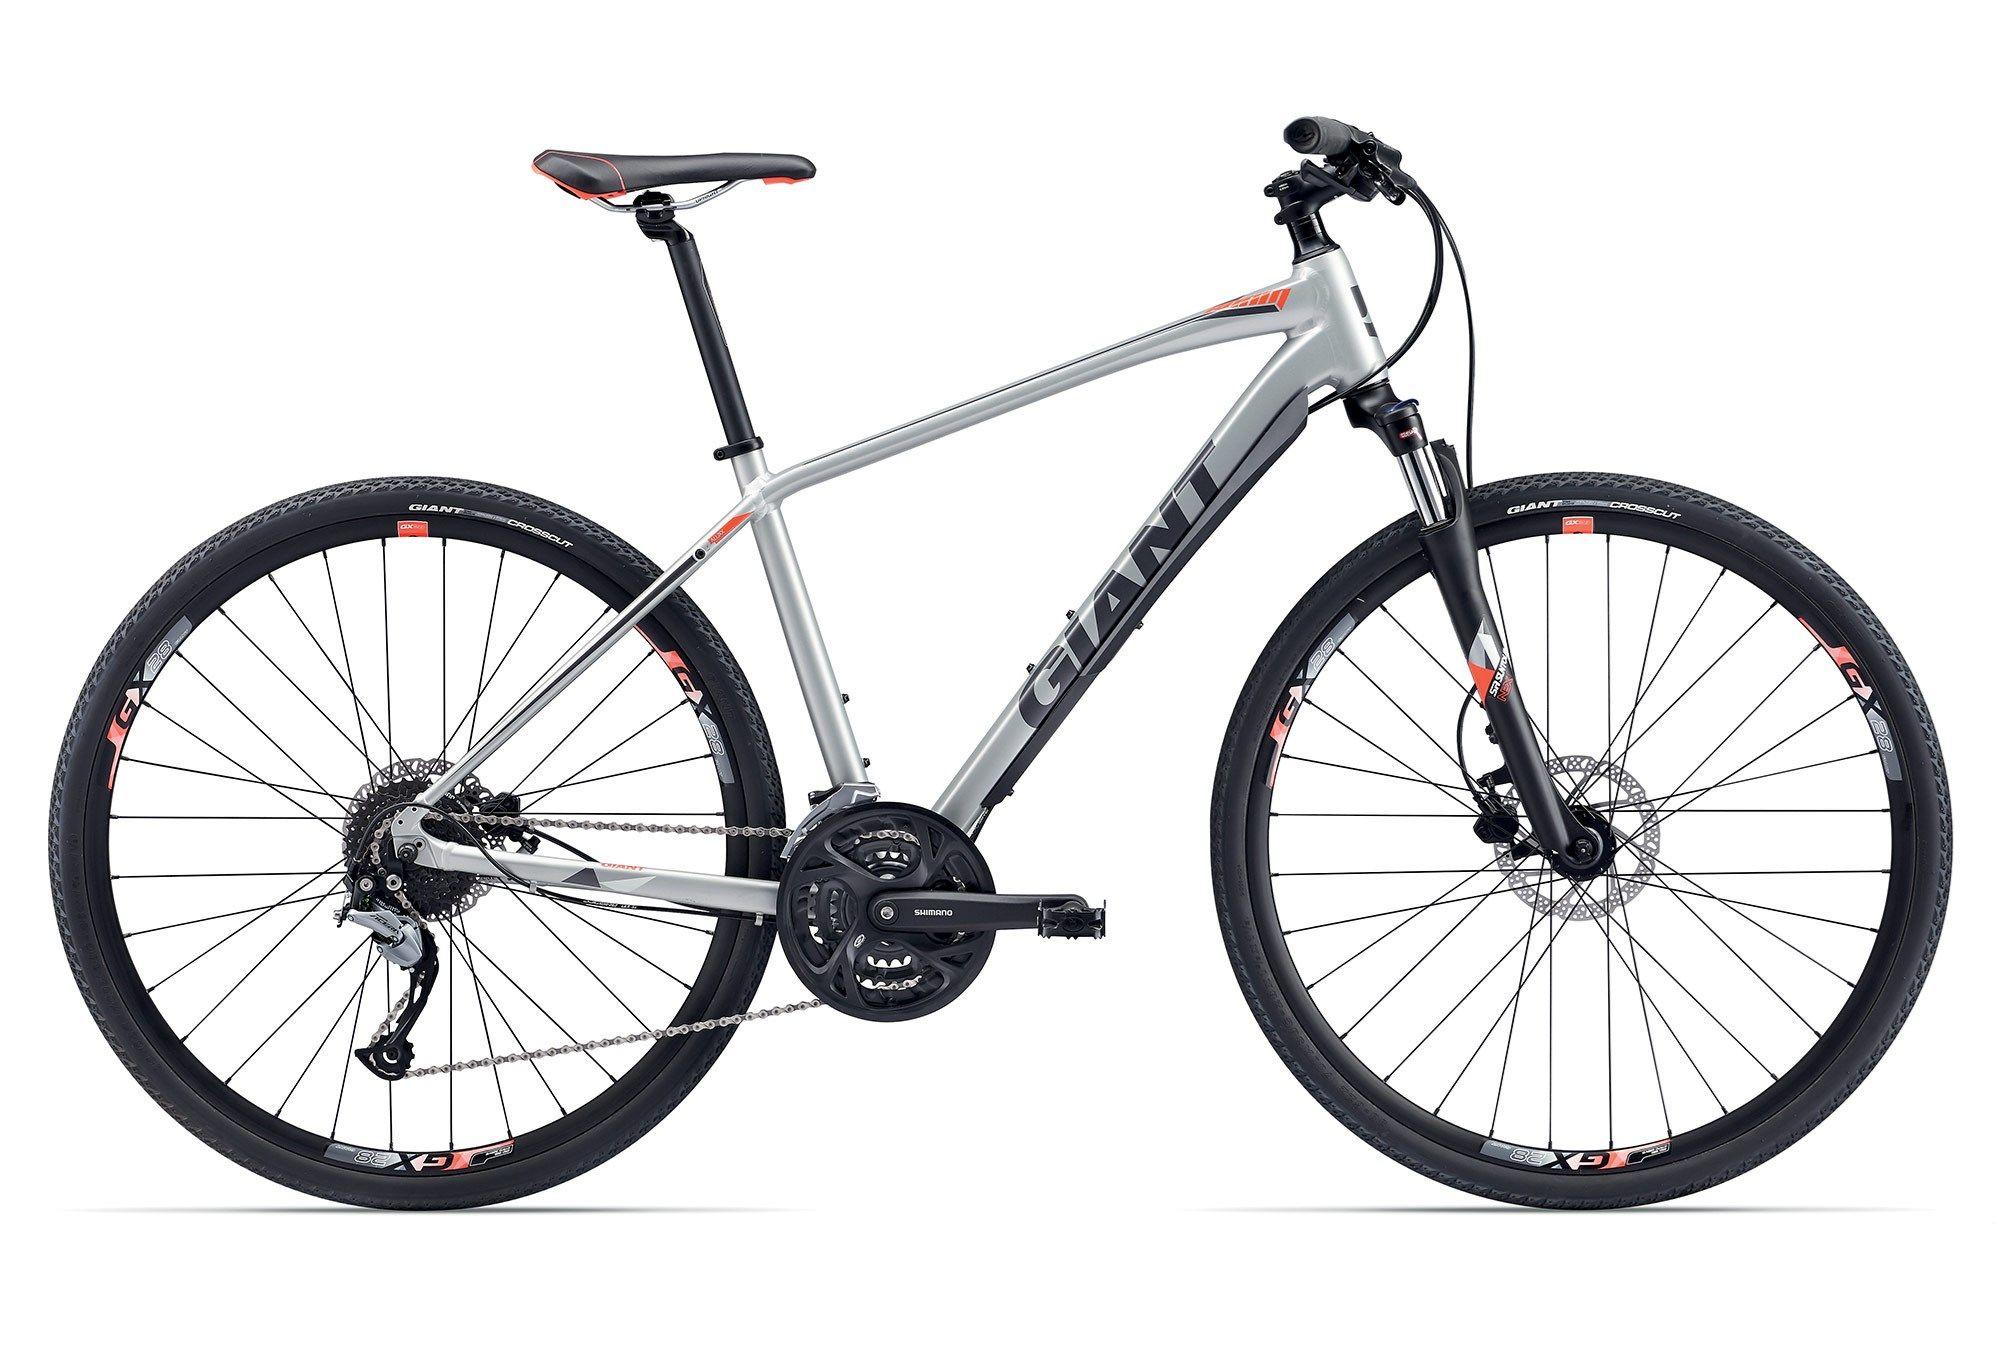 Roam 2 Disc 2019 Hybrid Bike Bicycle Bike